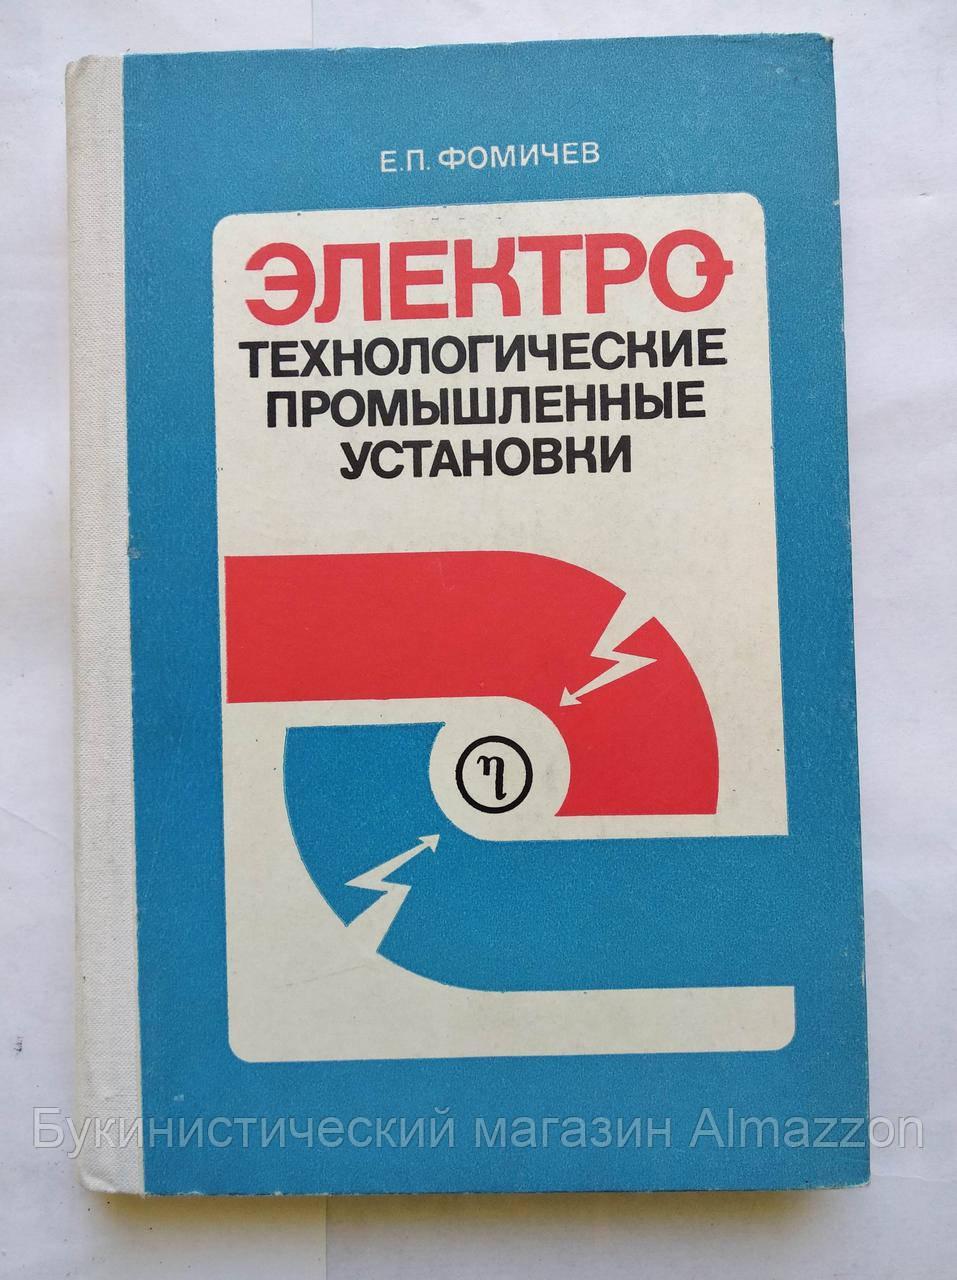 Е. Фомічов Електротехнологічні установки промислові